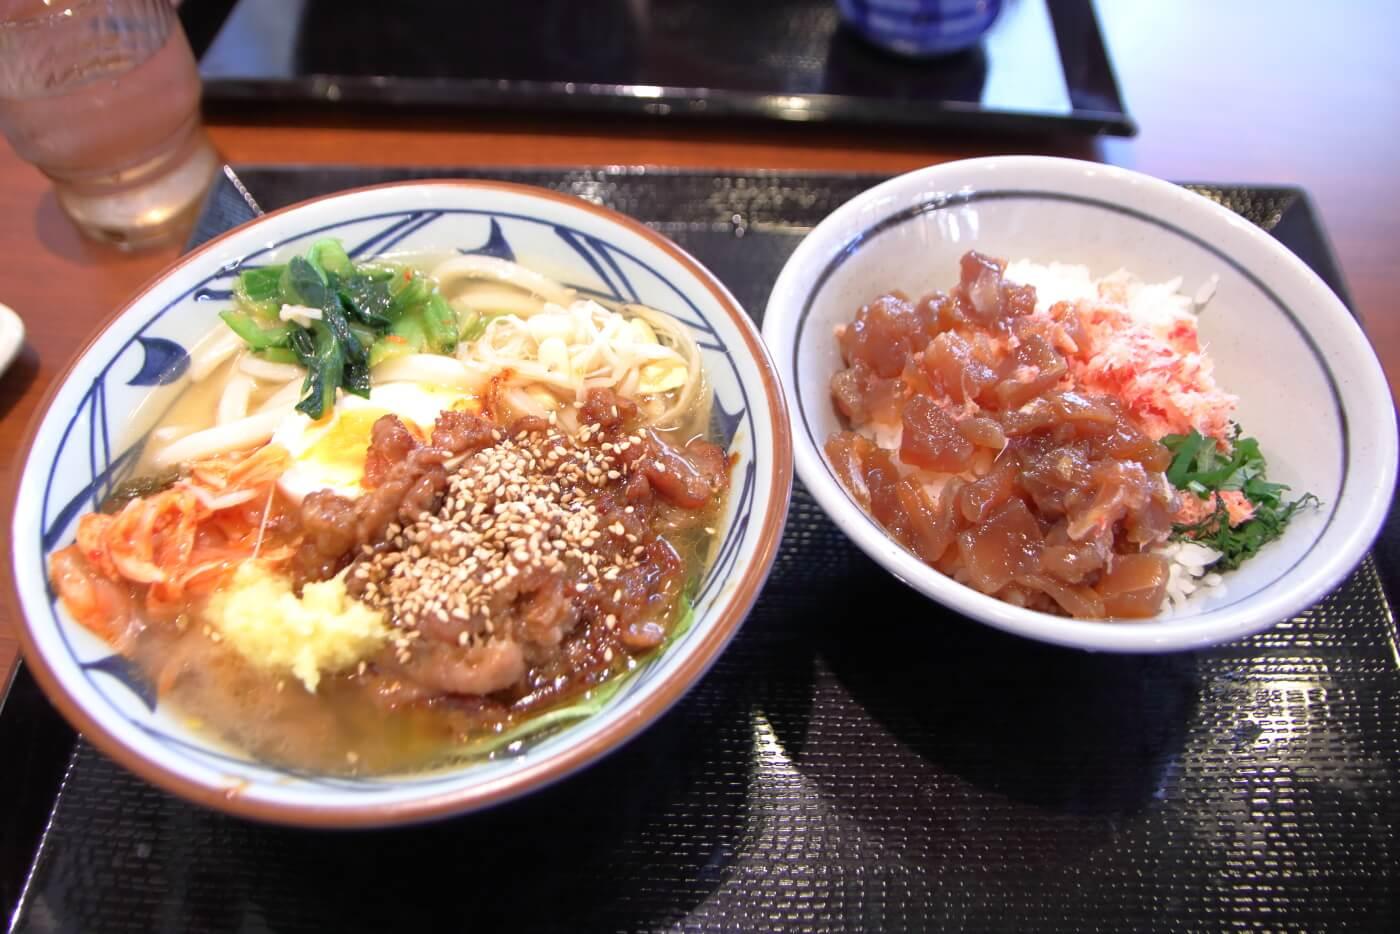 丸亀製麺 牛焼肉冷麺 海鮮のっけ丼